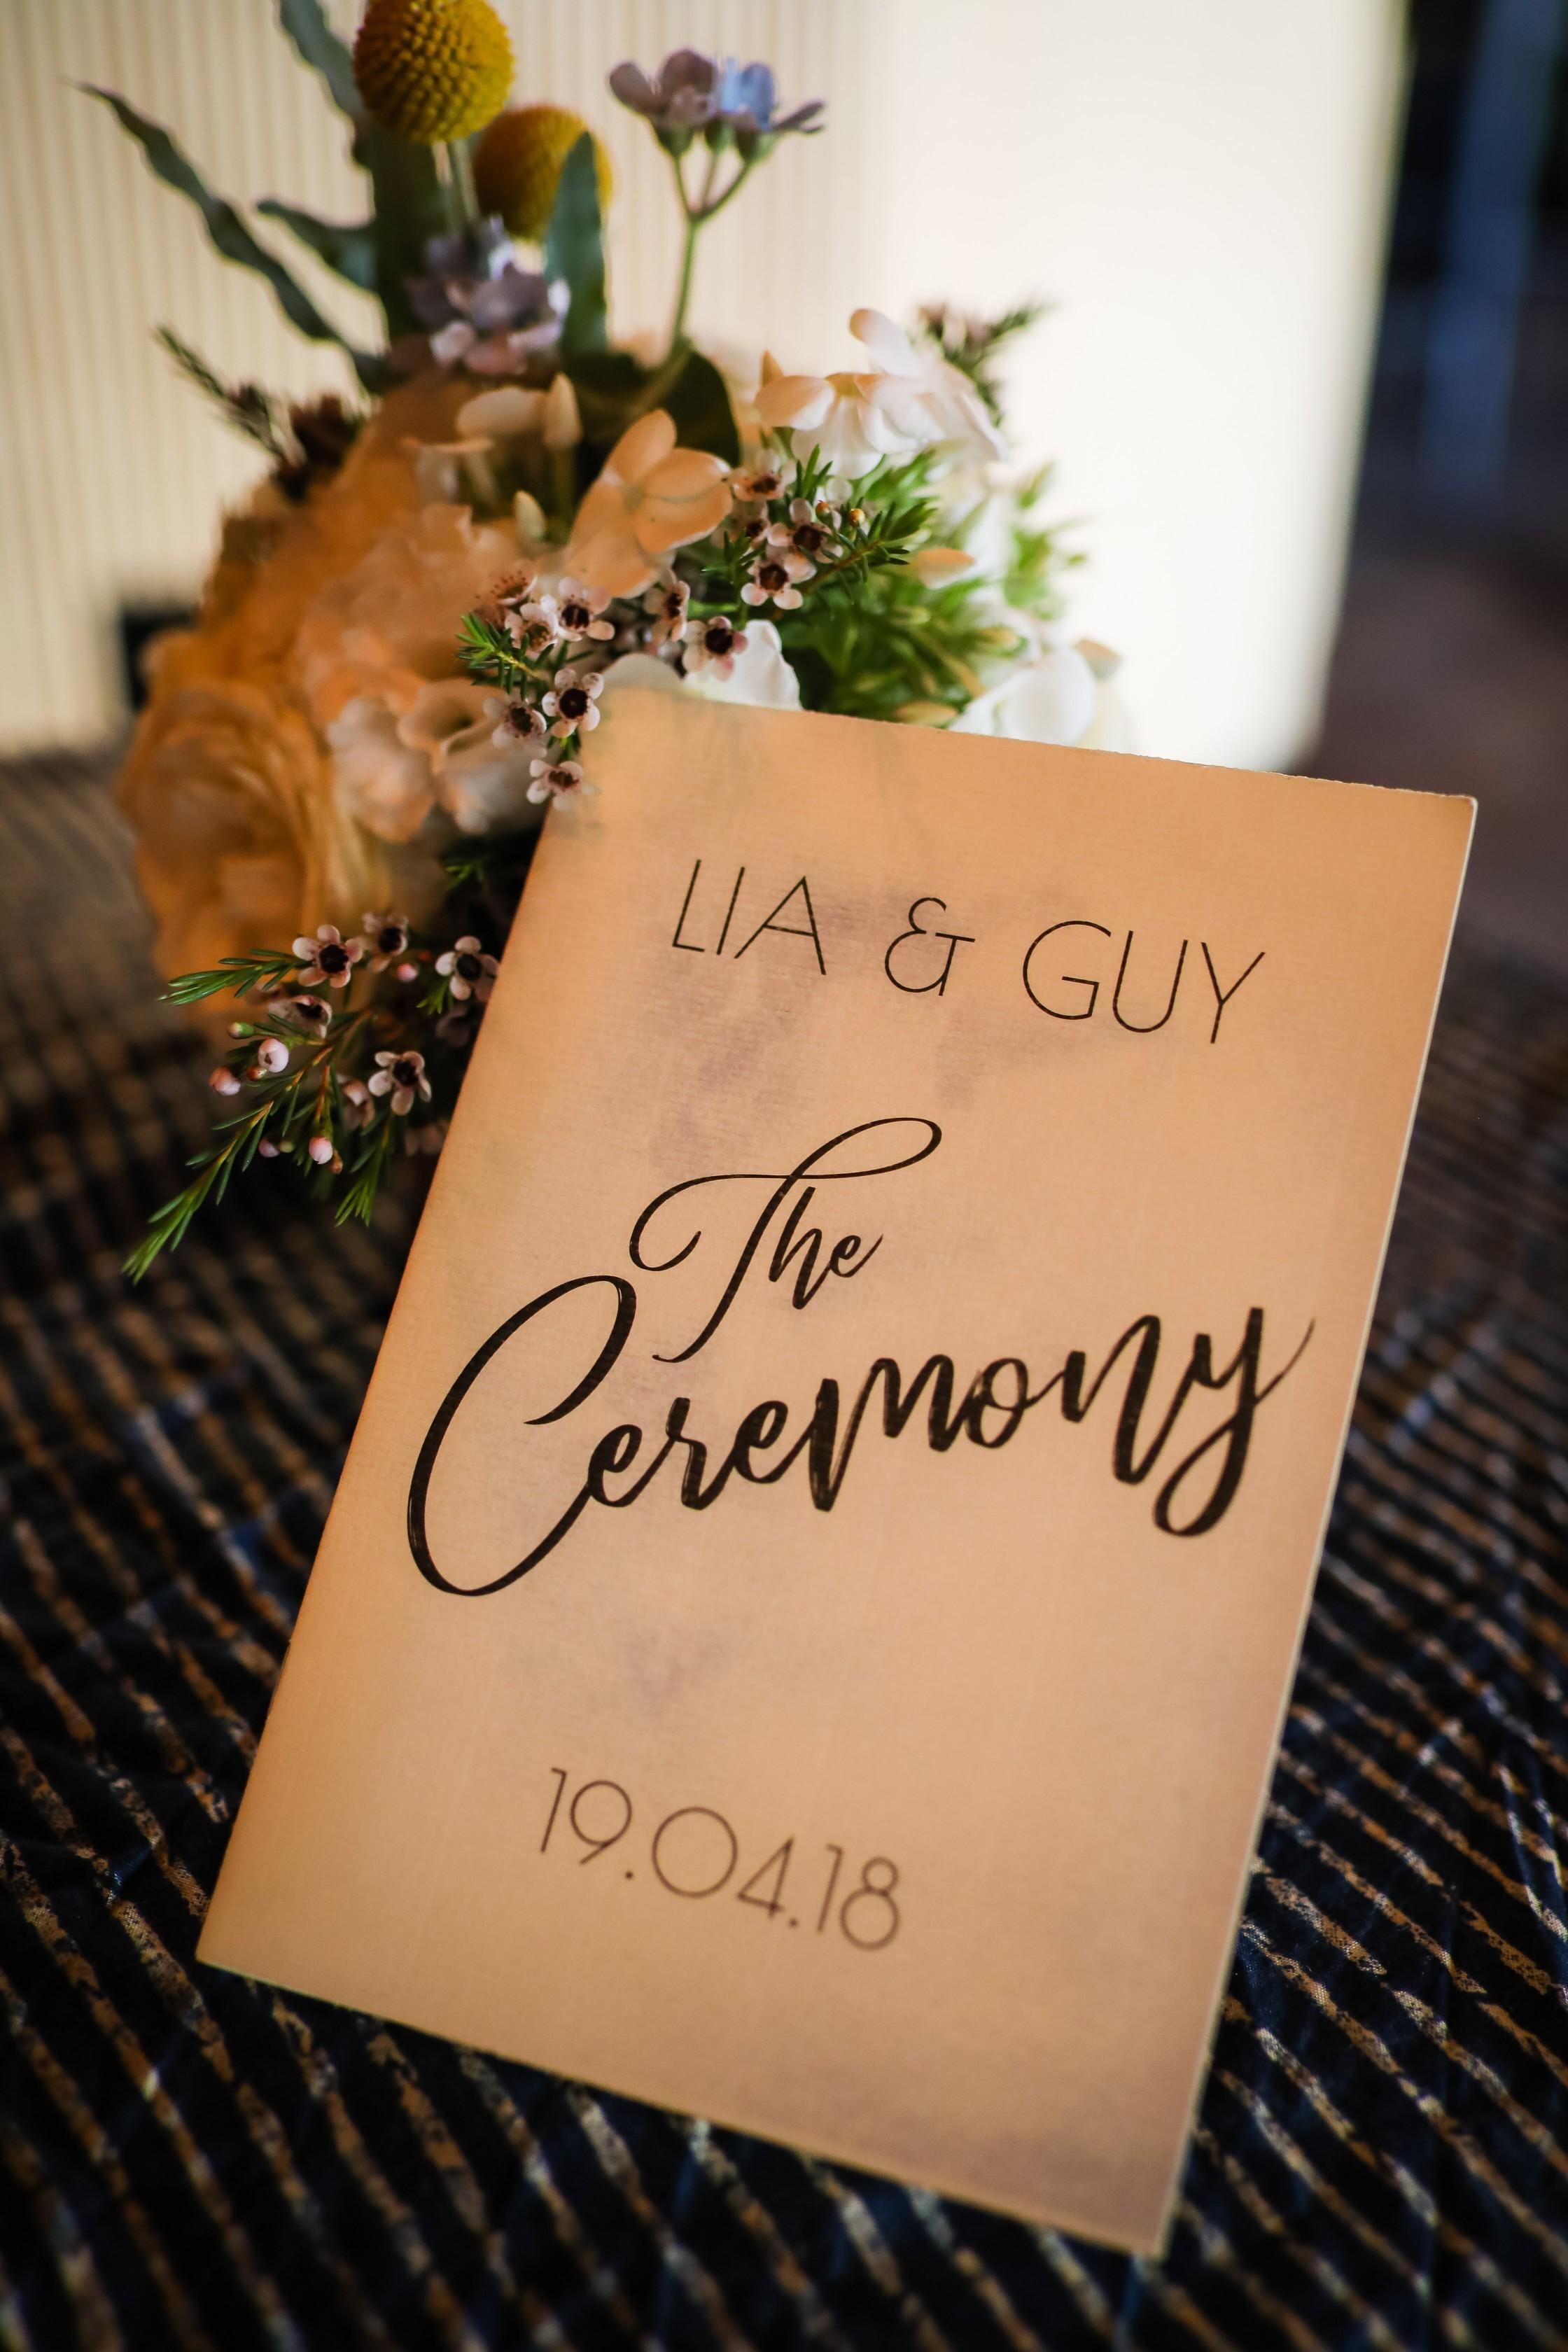 פעמיים כי טוב: החתונה הכפולה של ליה וגיא